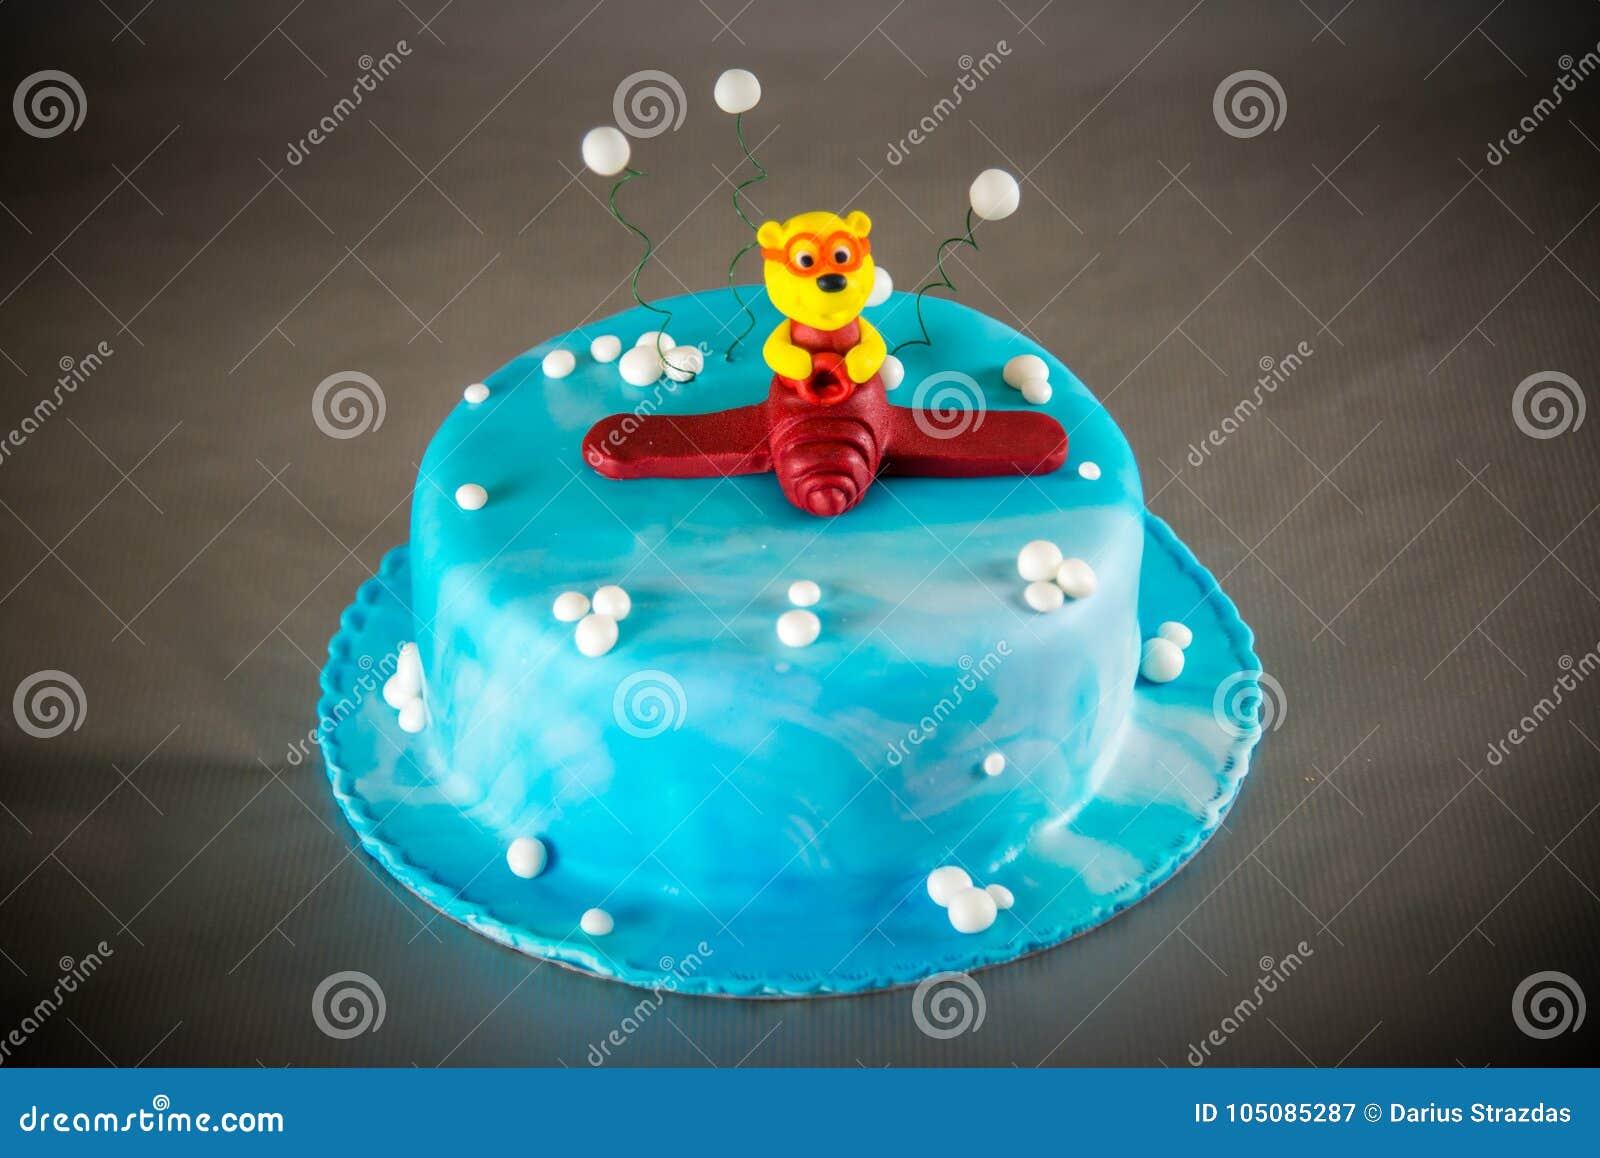 Blue Kids Birthday Cake Stock Image Image Of Gift Decoration